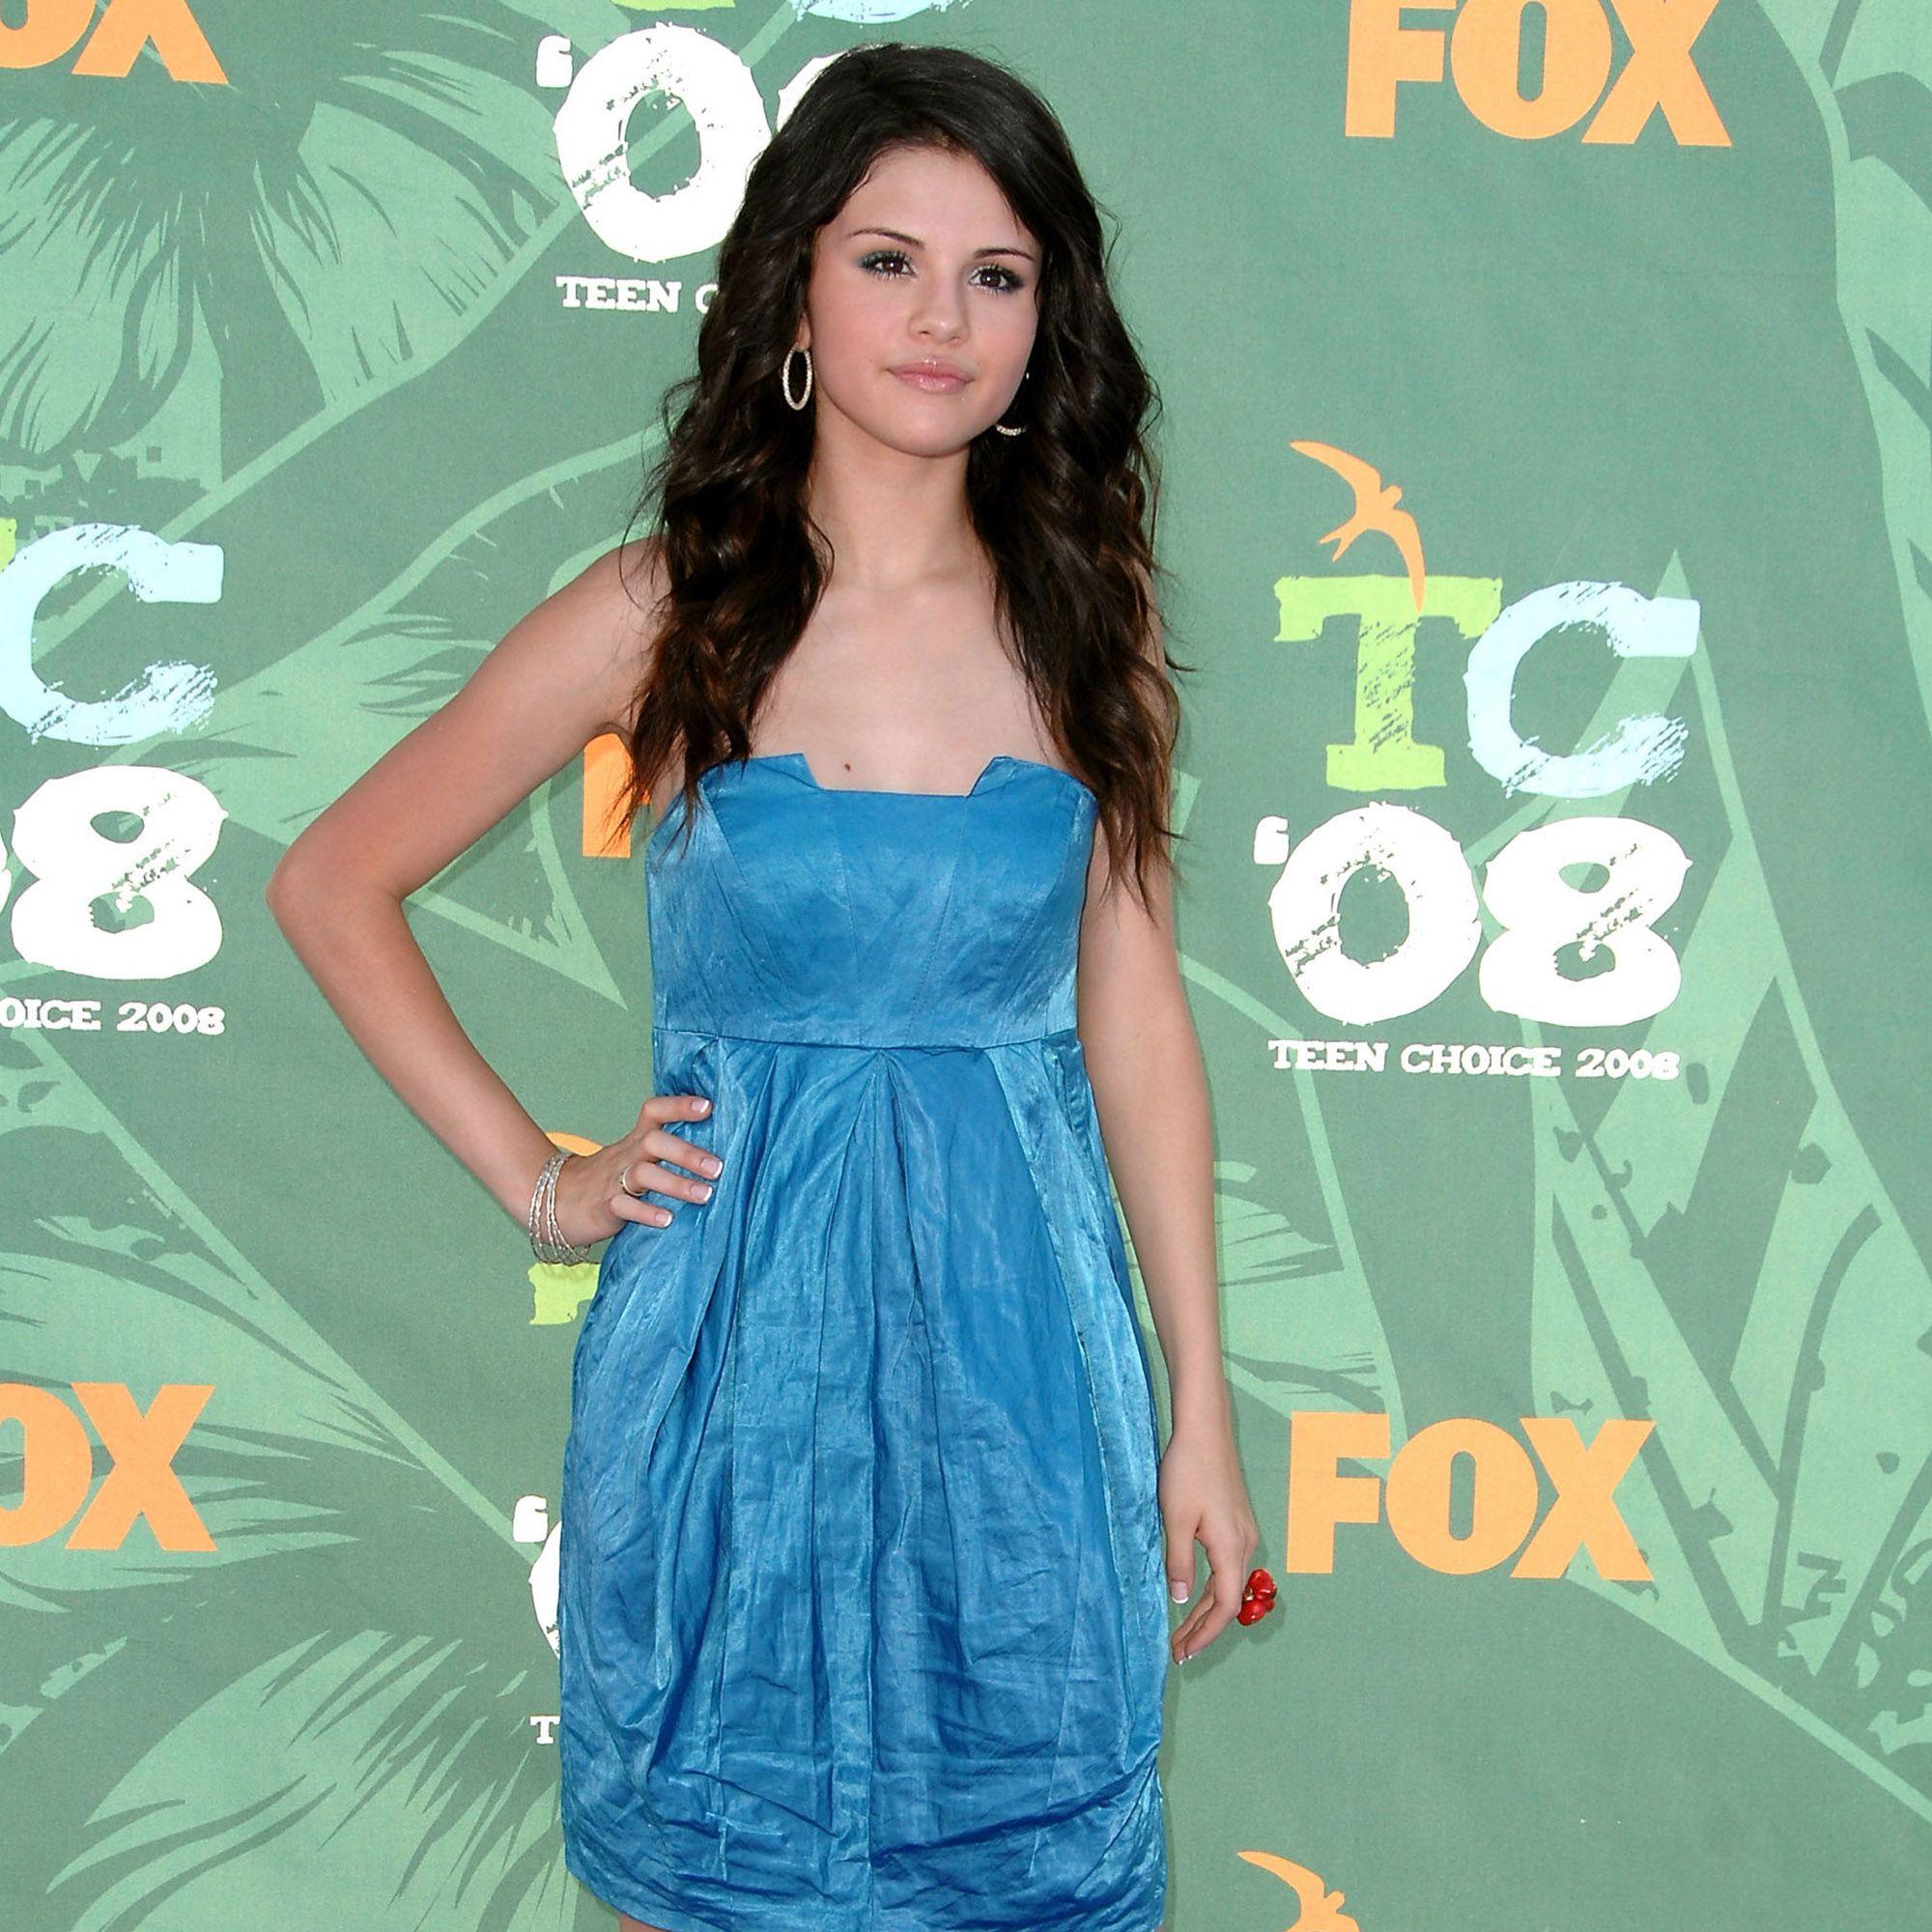 <p>Teen Choice Awards, 2008</p>